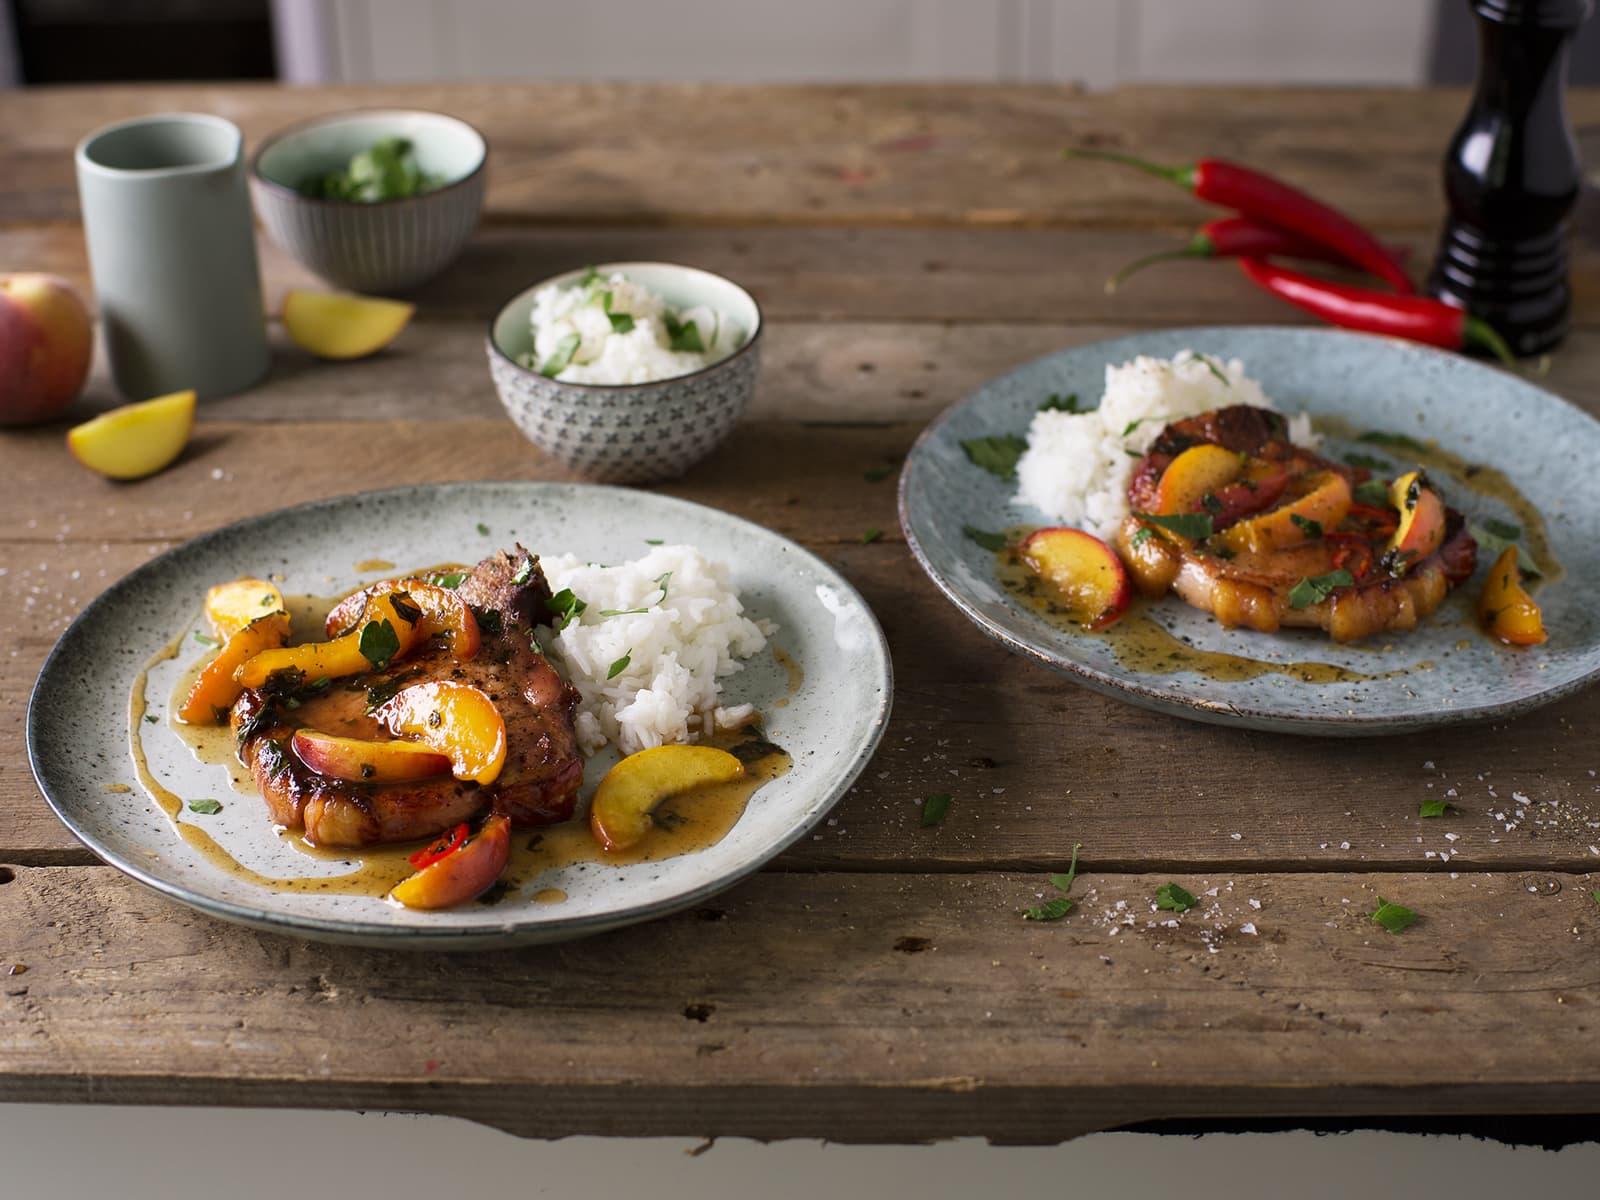 Svinekoteletter med fersken og chili